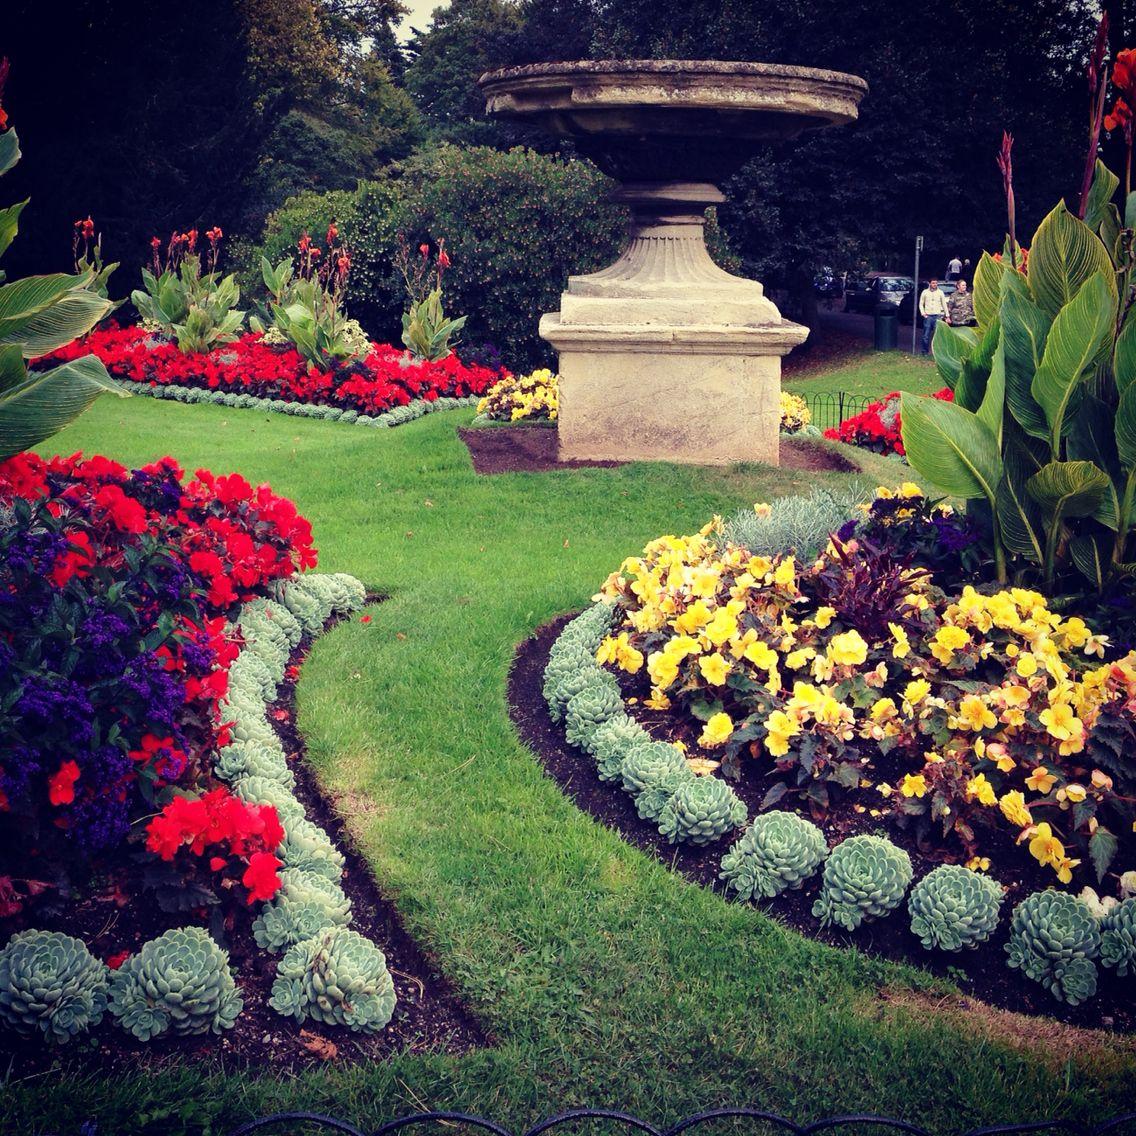 Pin By N Garden On Gardens Around The World Somerset Garden Glass Garden Backyard Landscaping Designs